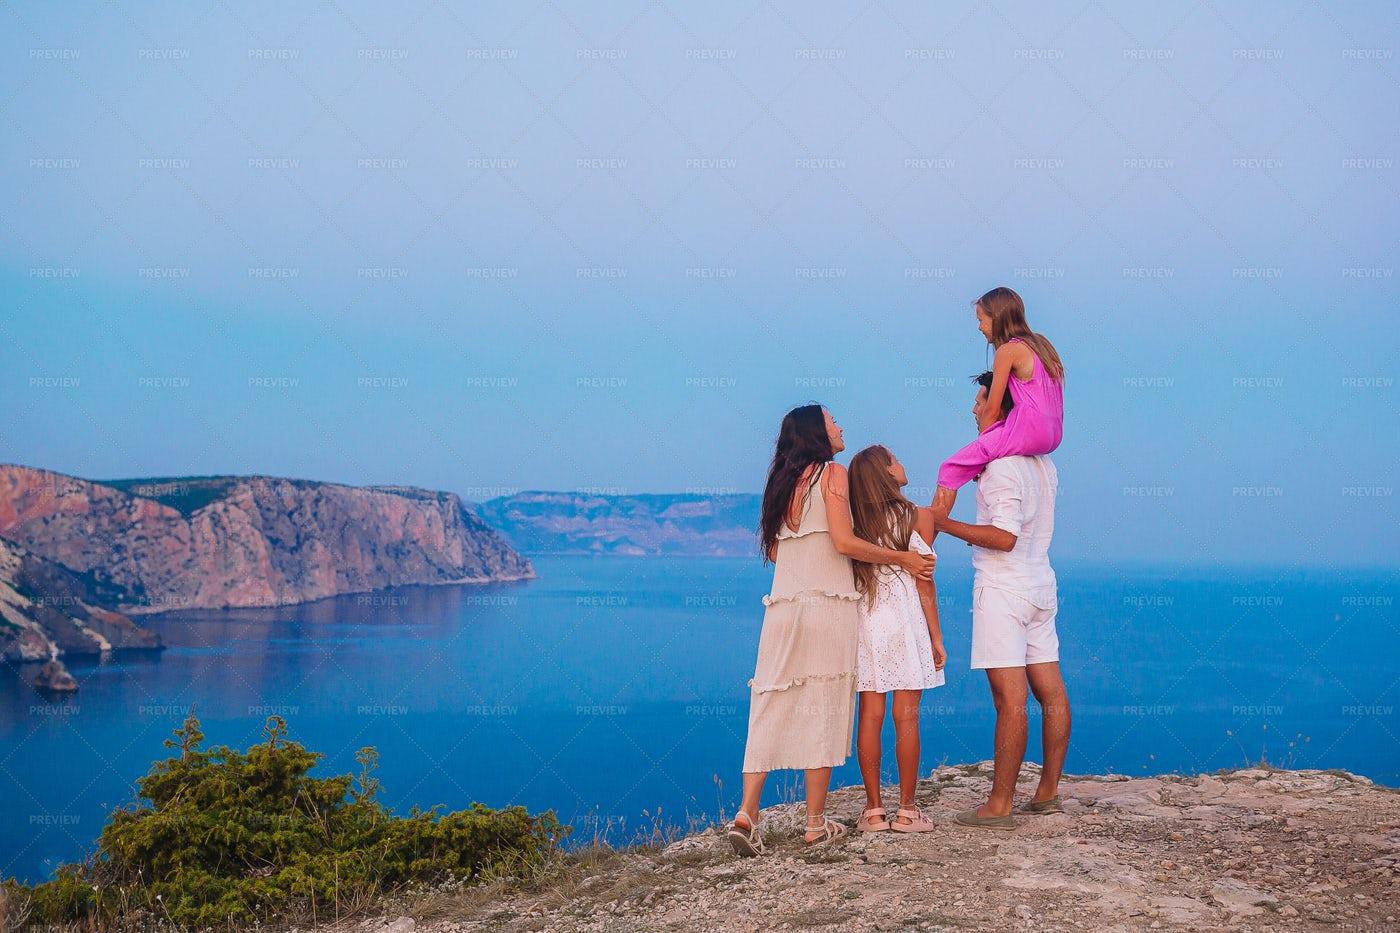 Family On The Mountain Edge: Stock Photos